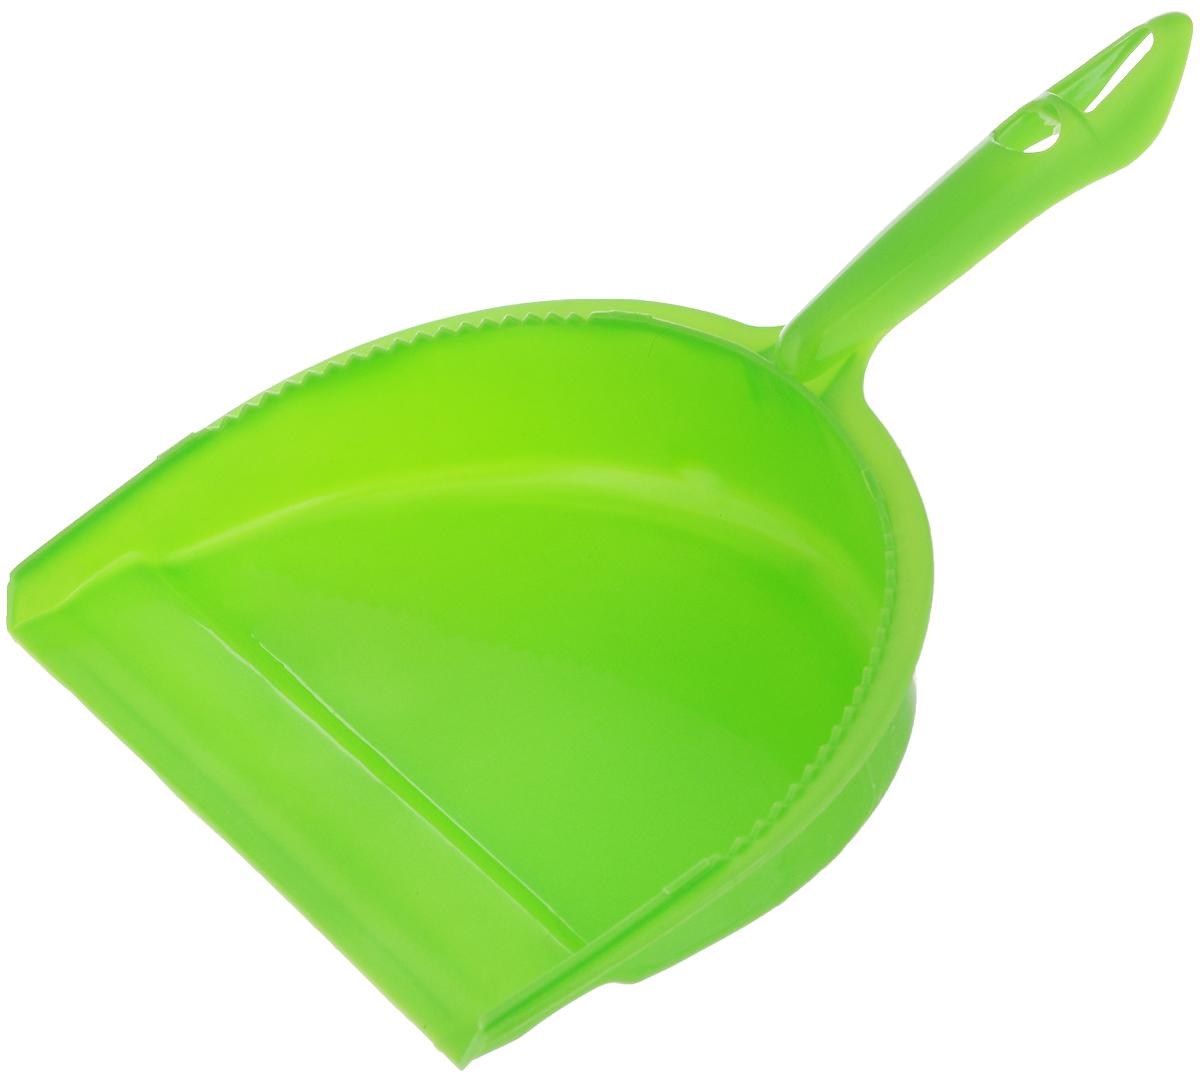 Совок для мусора Фэйт Джокер, цвет: зеленый1.4.02.1862Совок Фэйт Джокер предназначен для сбора мусора и пыли при уборке помещений. Он выполнен из прочного пластика и имеет удобную эргономическую ручку.Длина совка: 28,5 см.Ширина совка: 21 см.